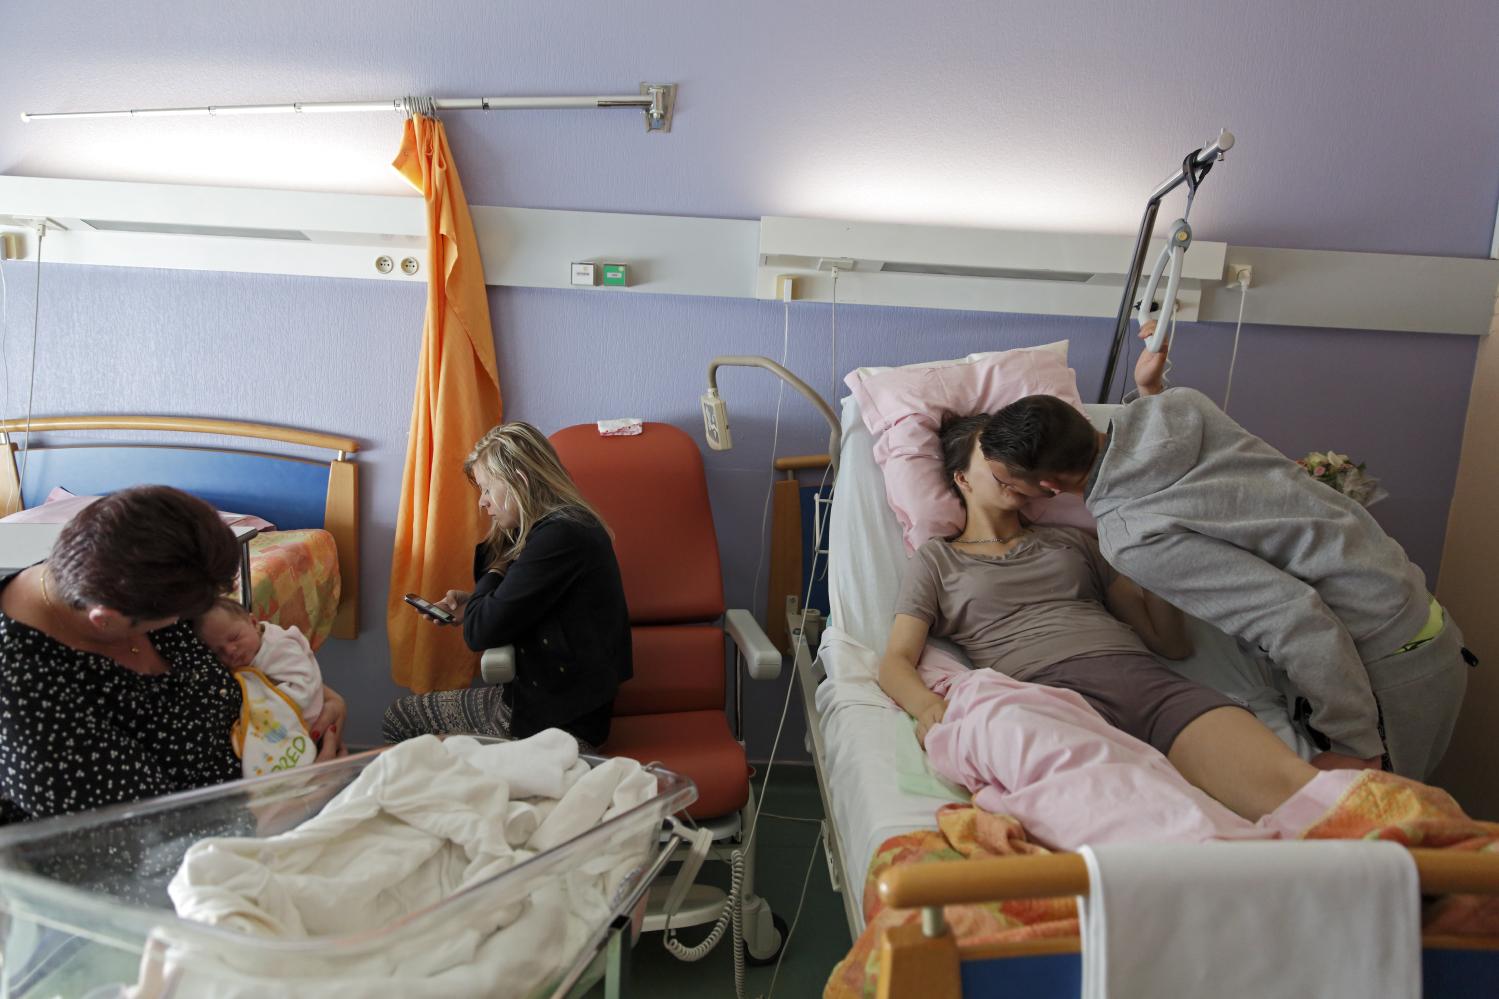 La césarienne d'Amélie s'est bien passée, Xavier est resté à ses côtés. Sa mère Isabelle et sa sœur Coralie 12 ans, lui rendent visite. Fourmies, France.